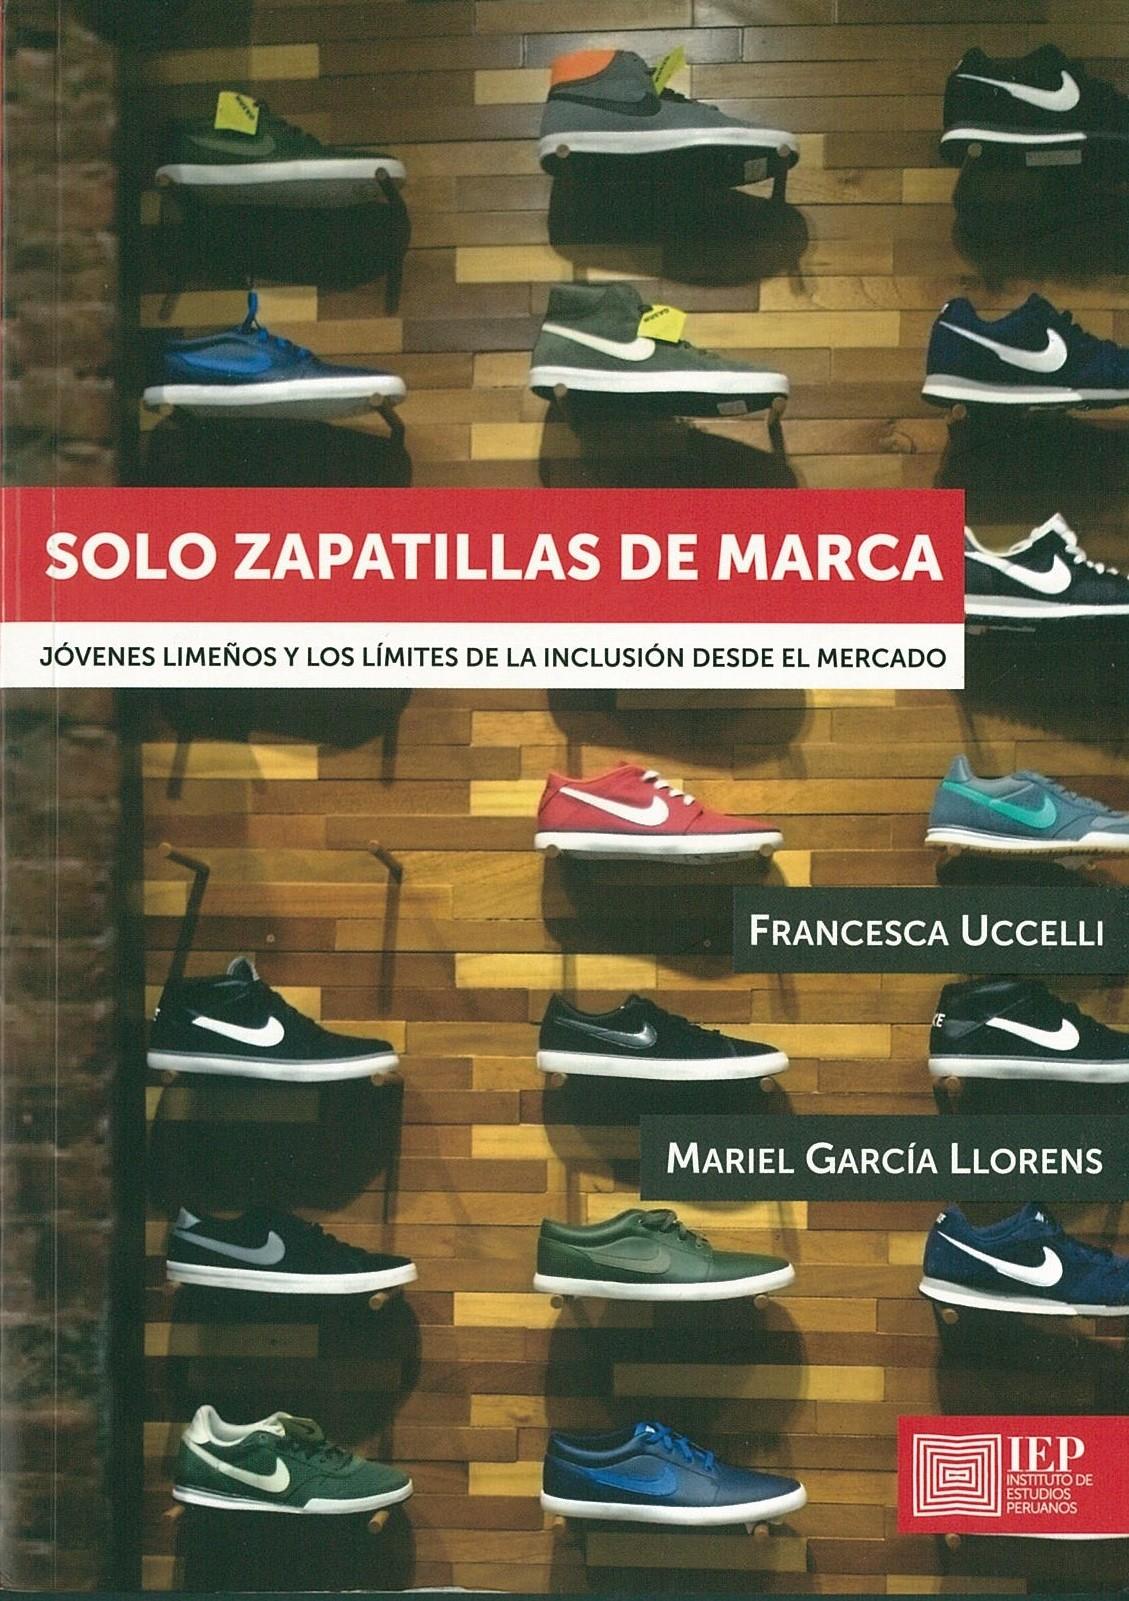 Solo zapatillas de marca